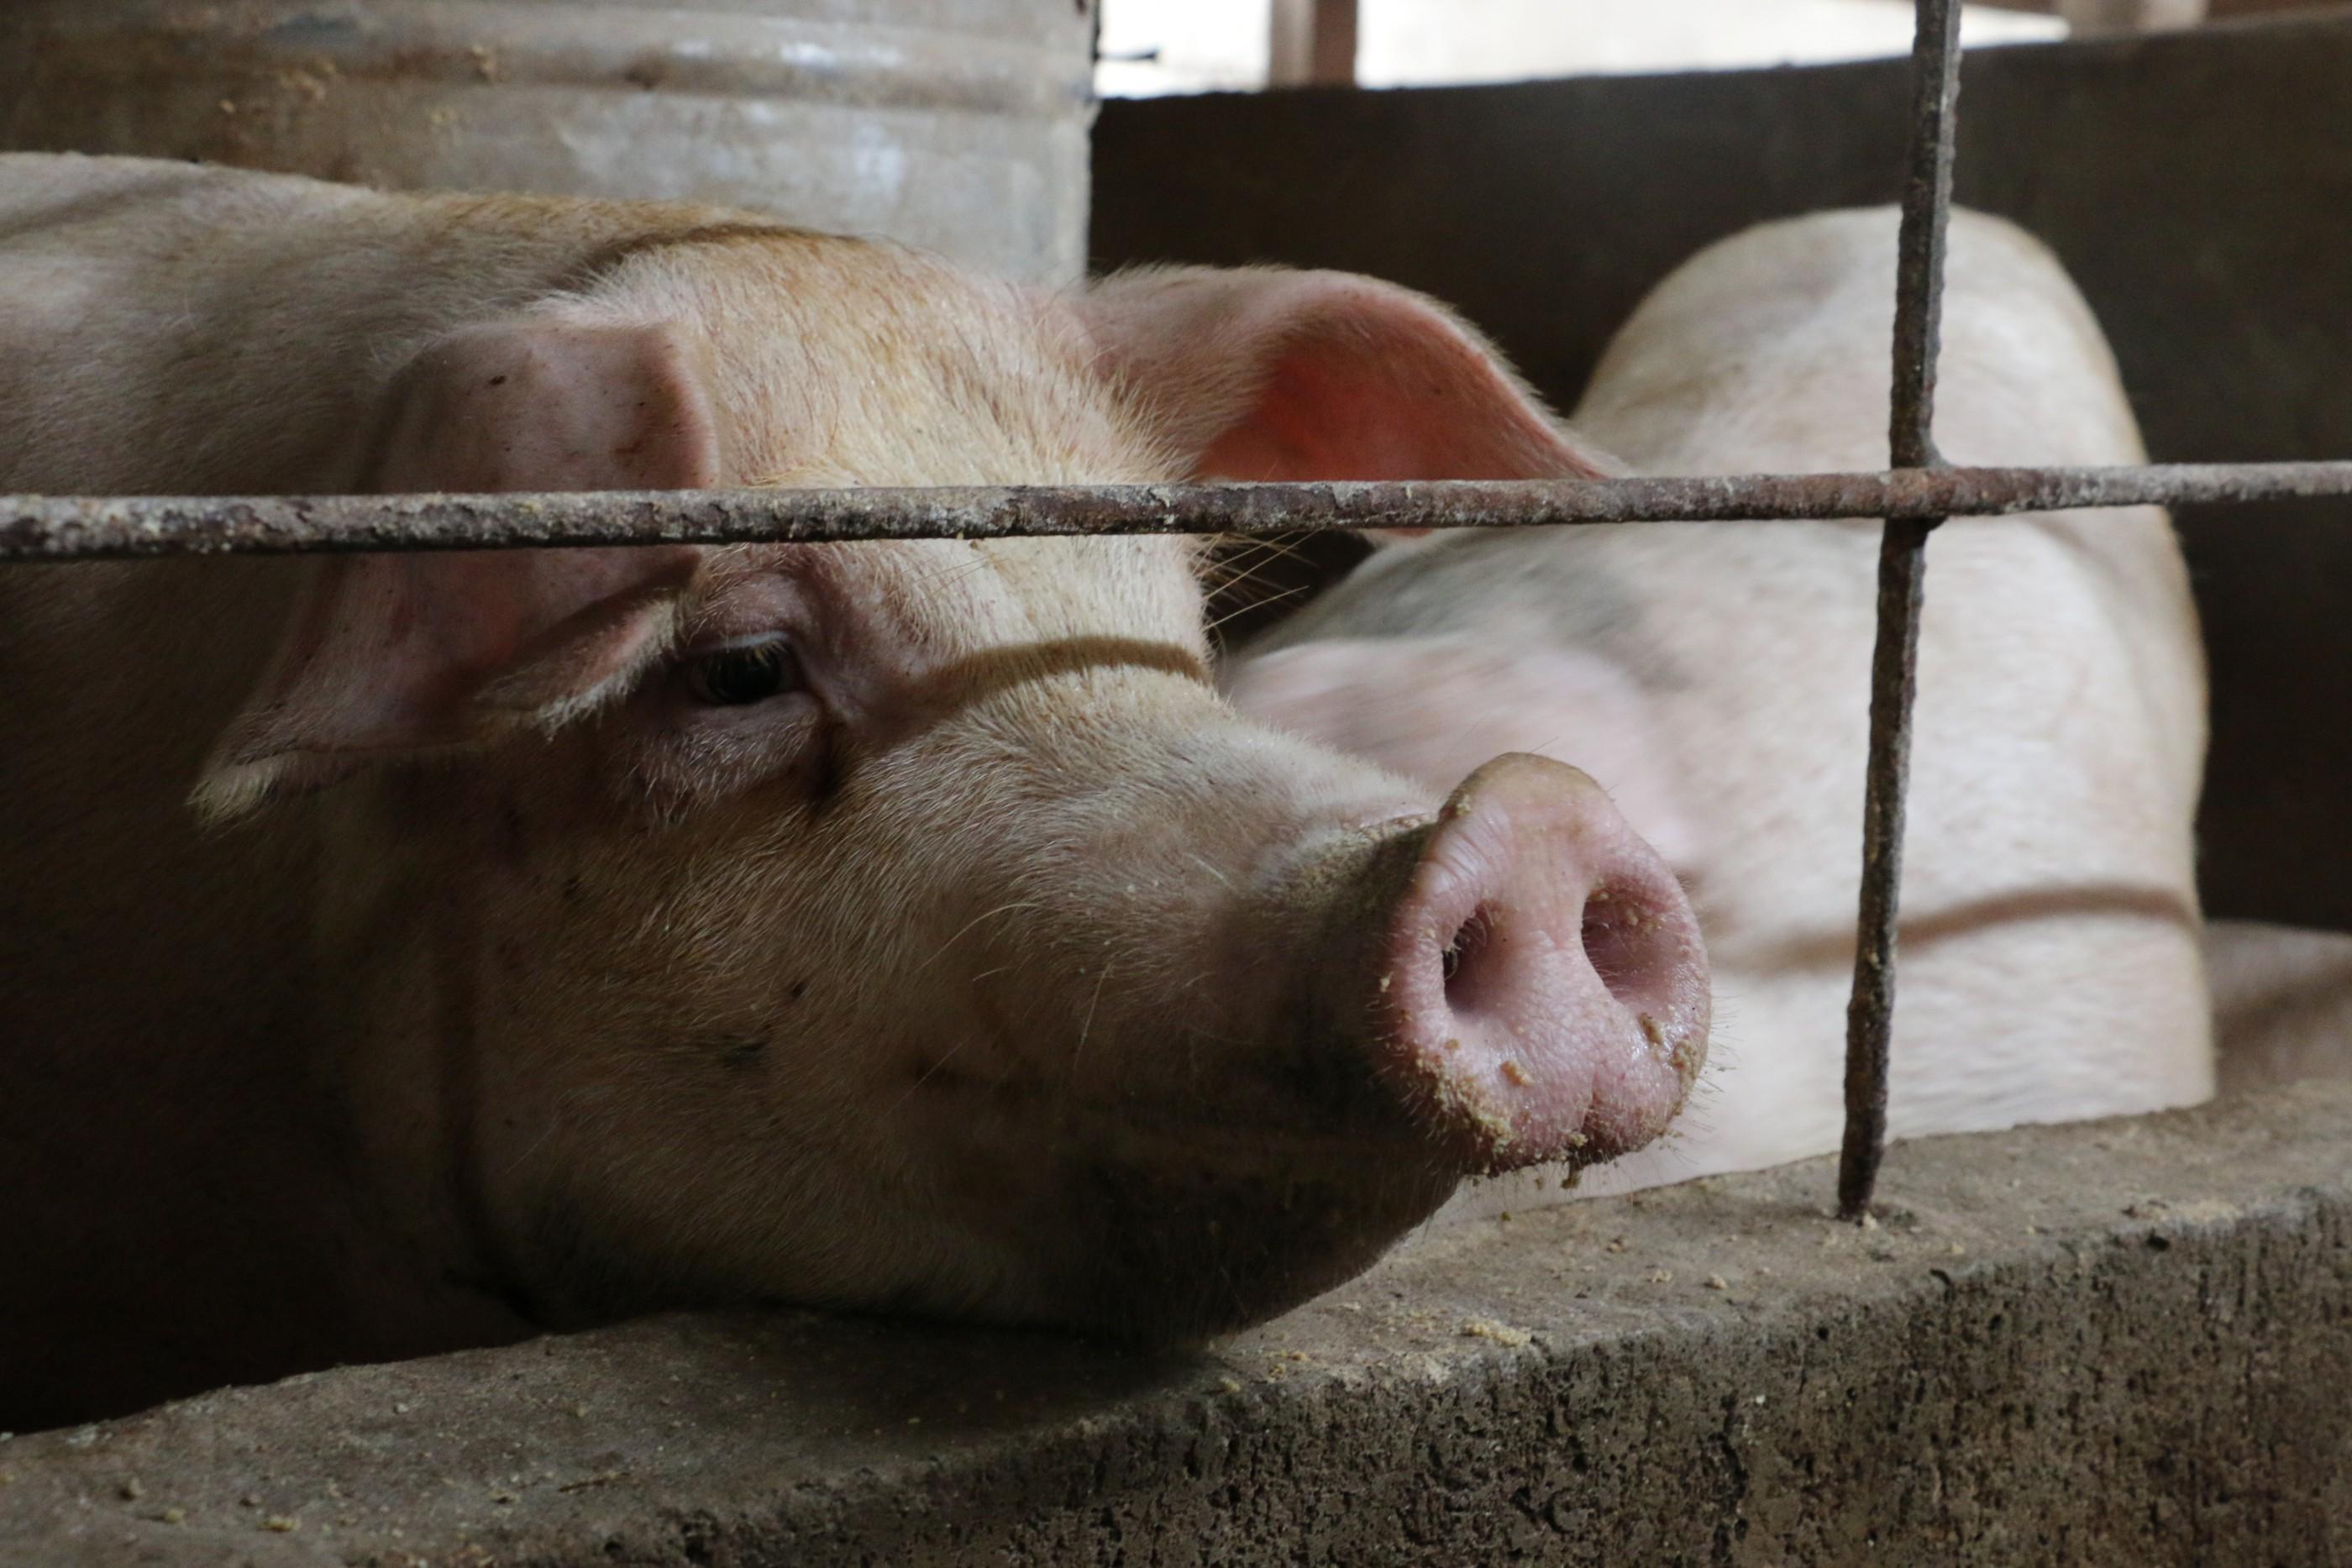 Hong Kong livestock industry shrinking pigs